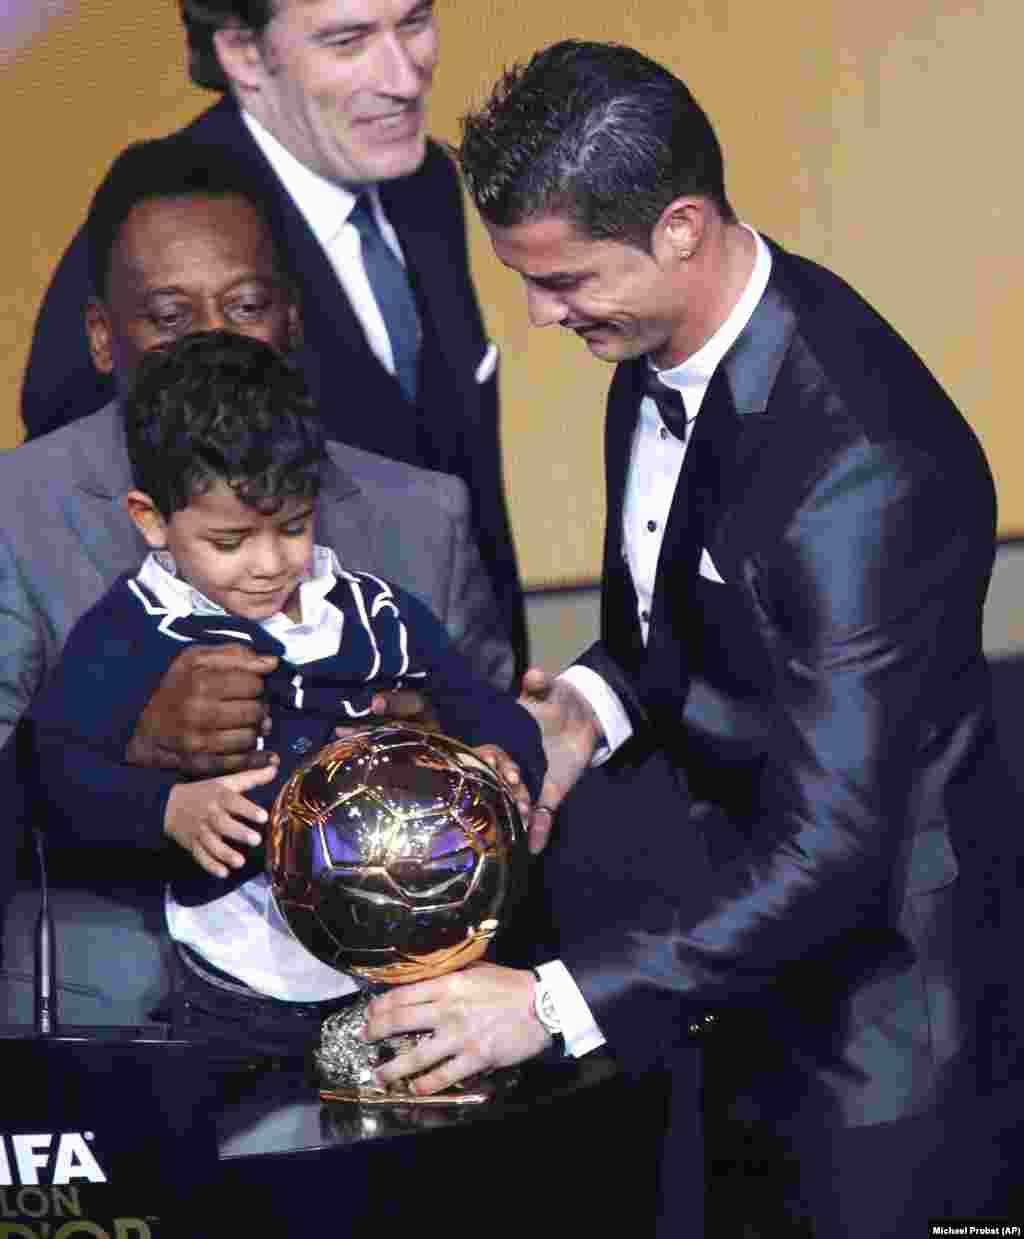 Cristiano Ronaldo recebe a Bola de Ouro com o seu filho Ronaldo Júnior. Gala FIFA Bola de Ouro 2013, Suíça. Jan. 13, 2014